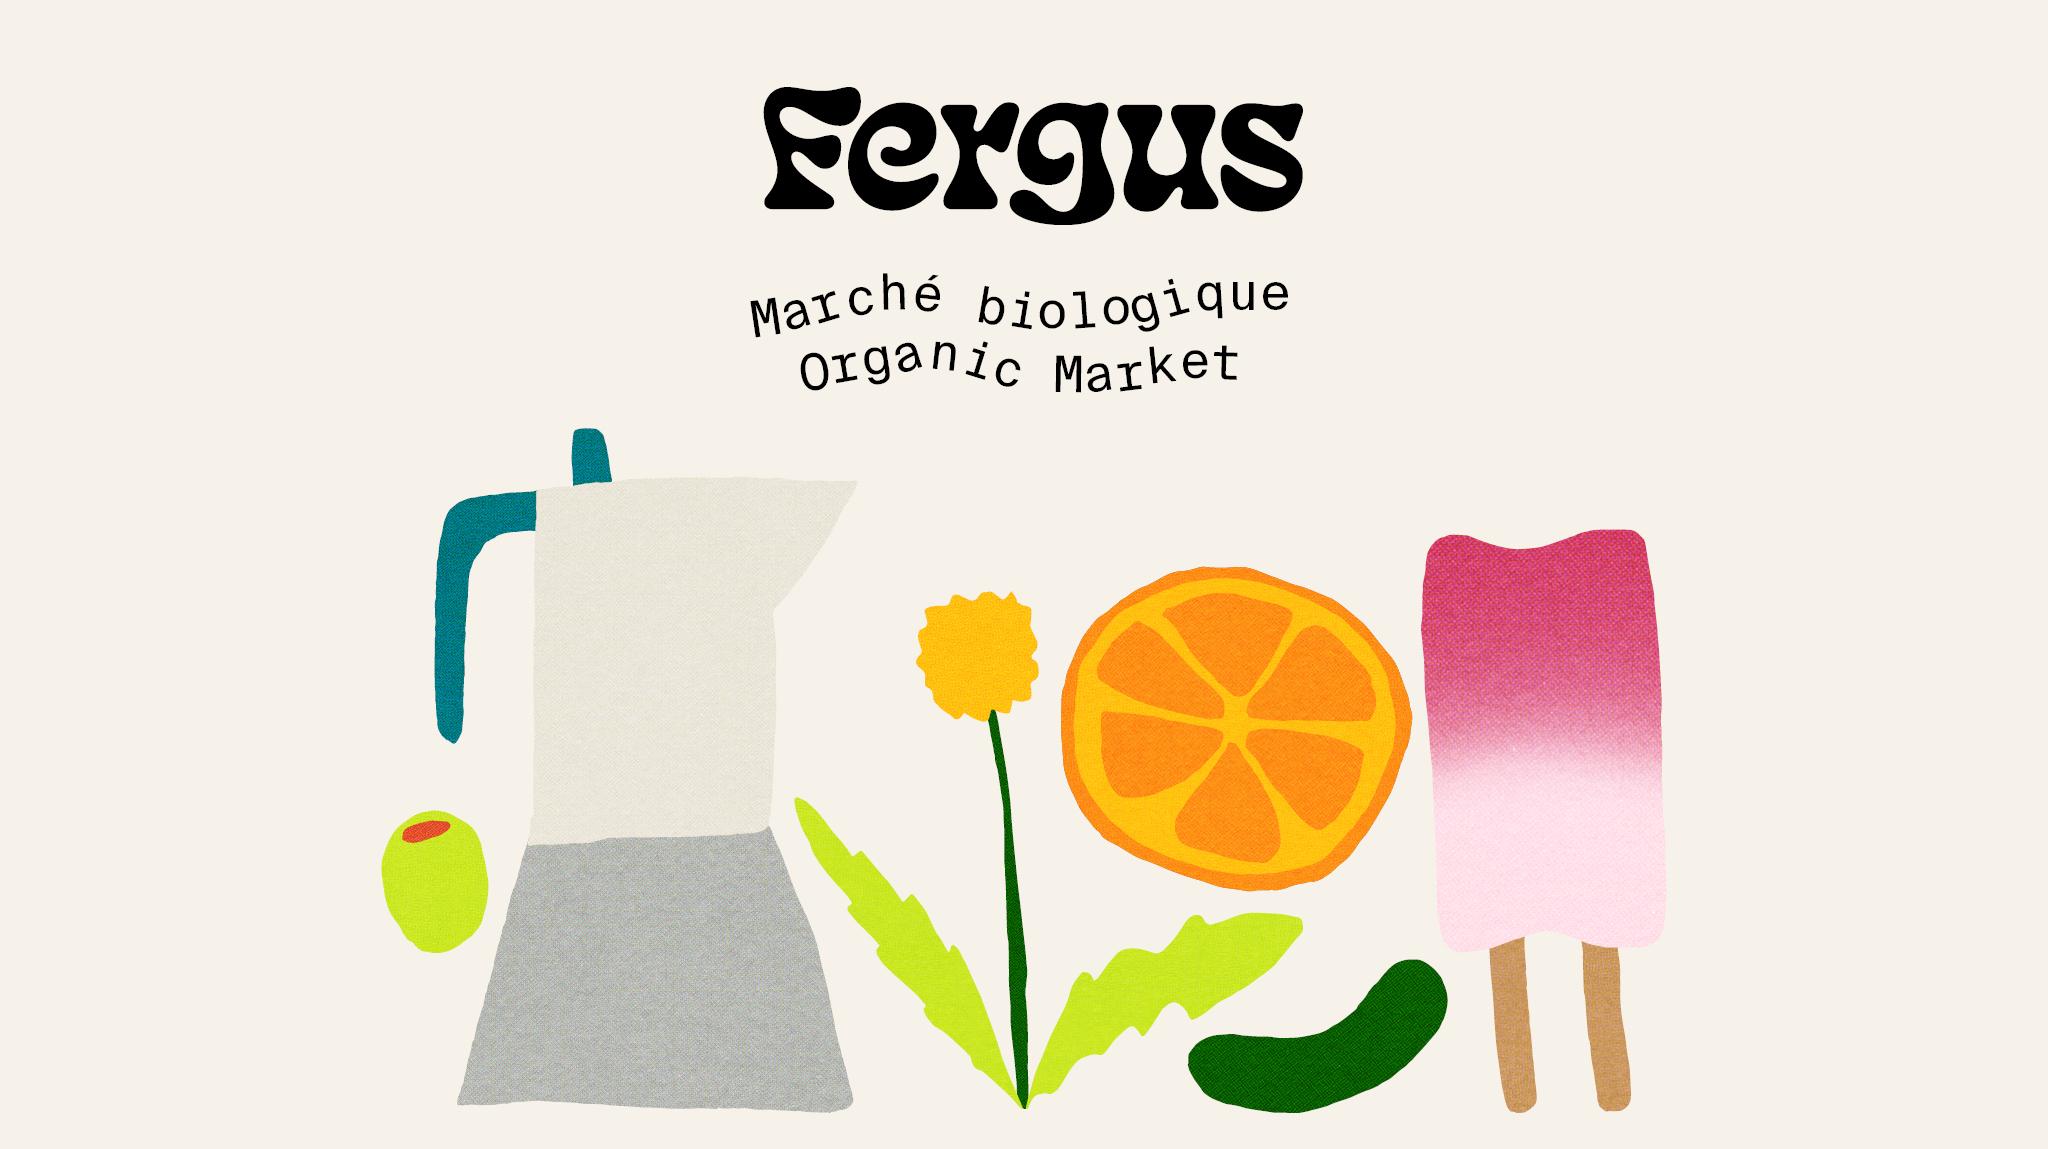 Fergus marché biologique